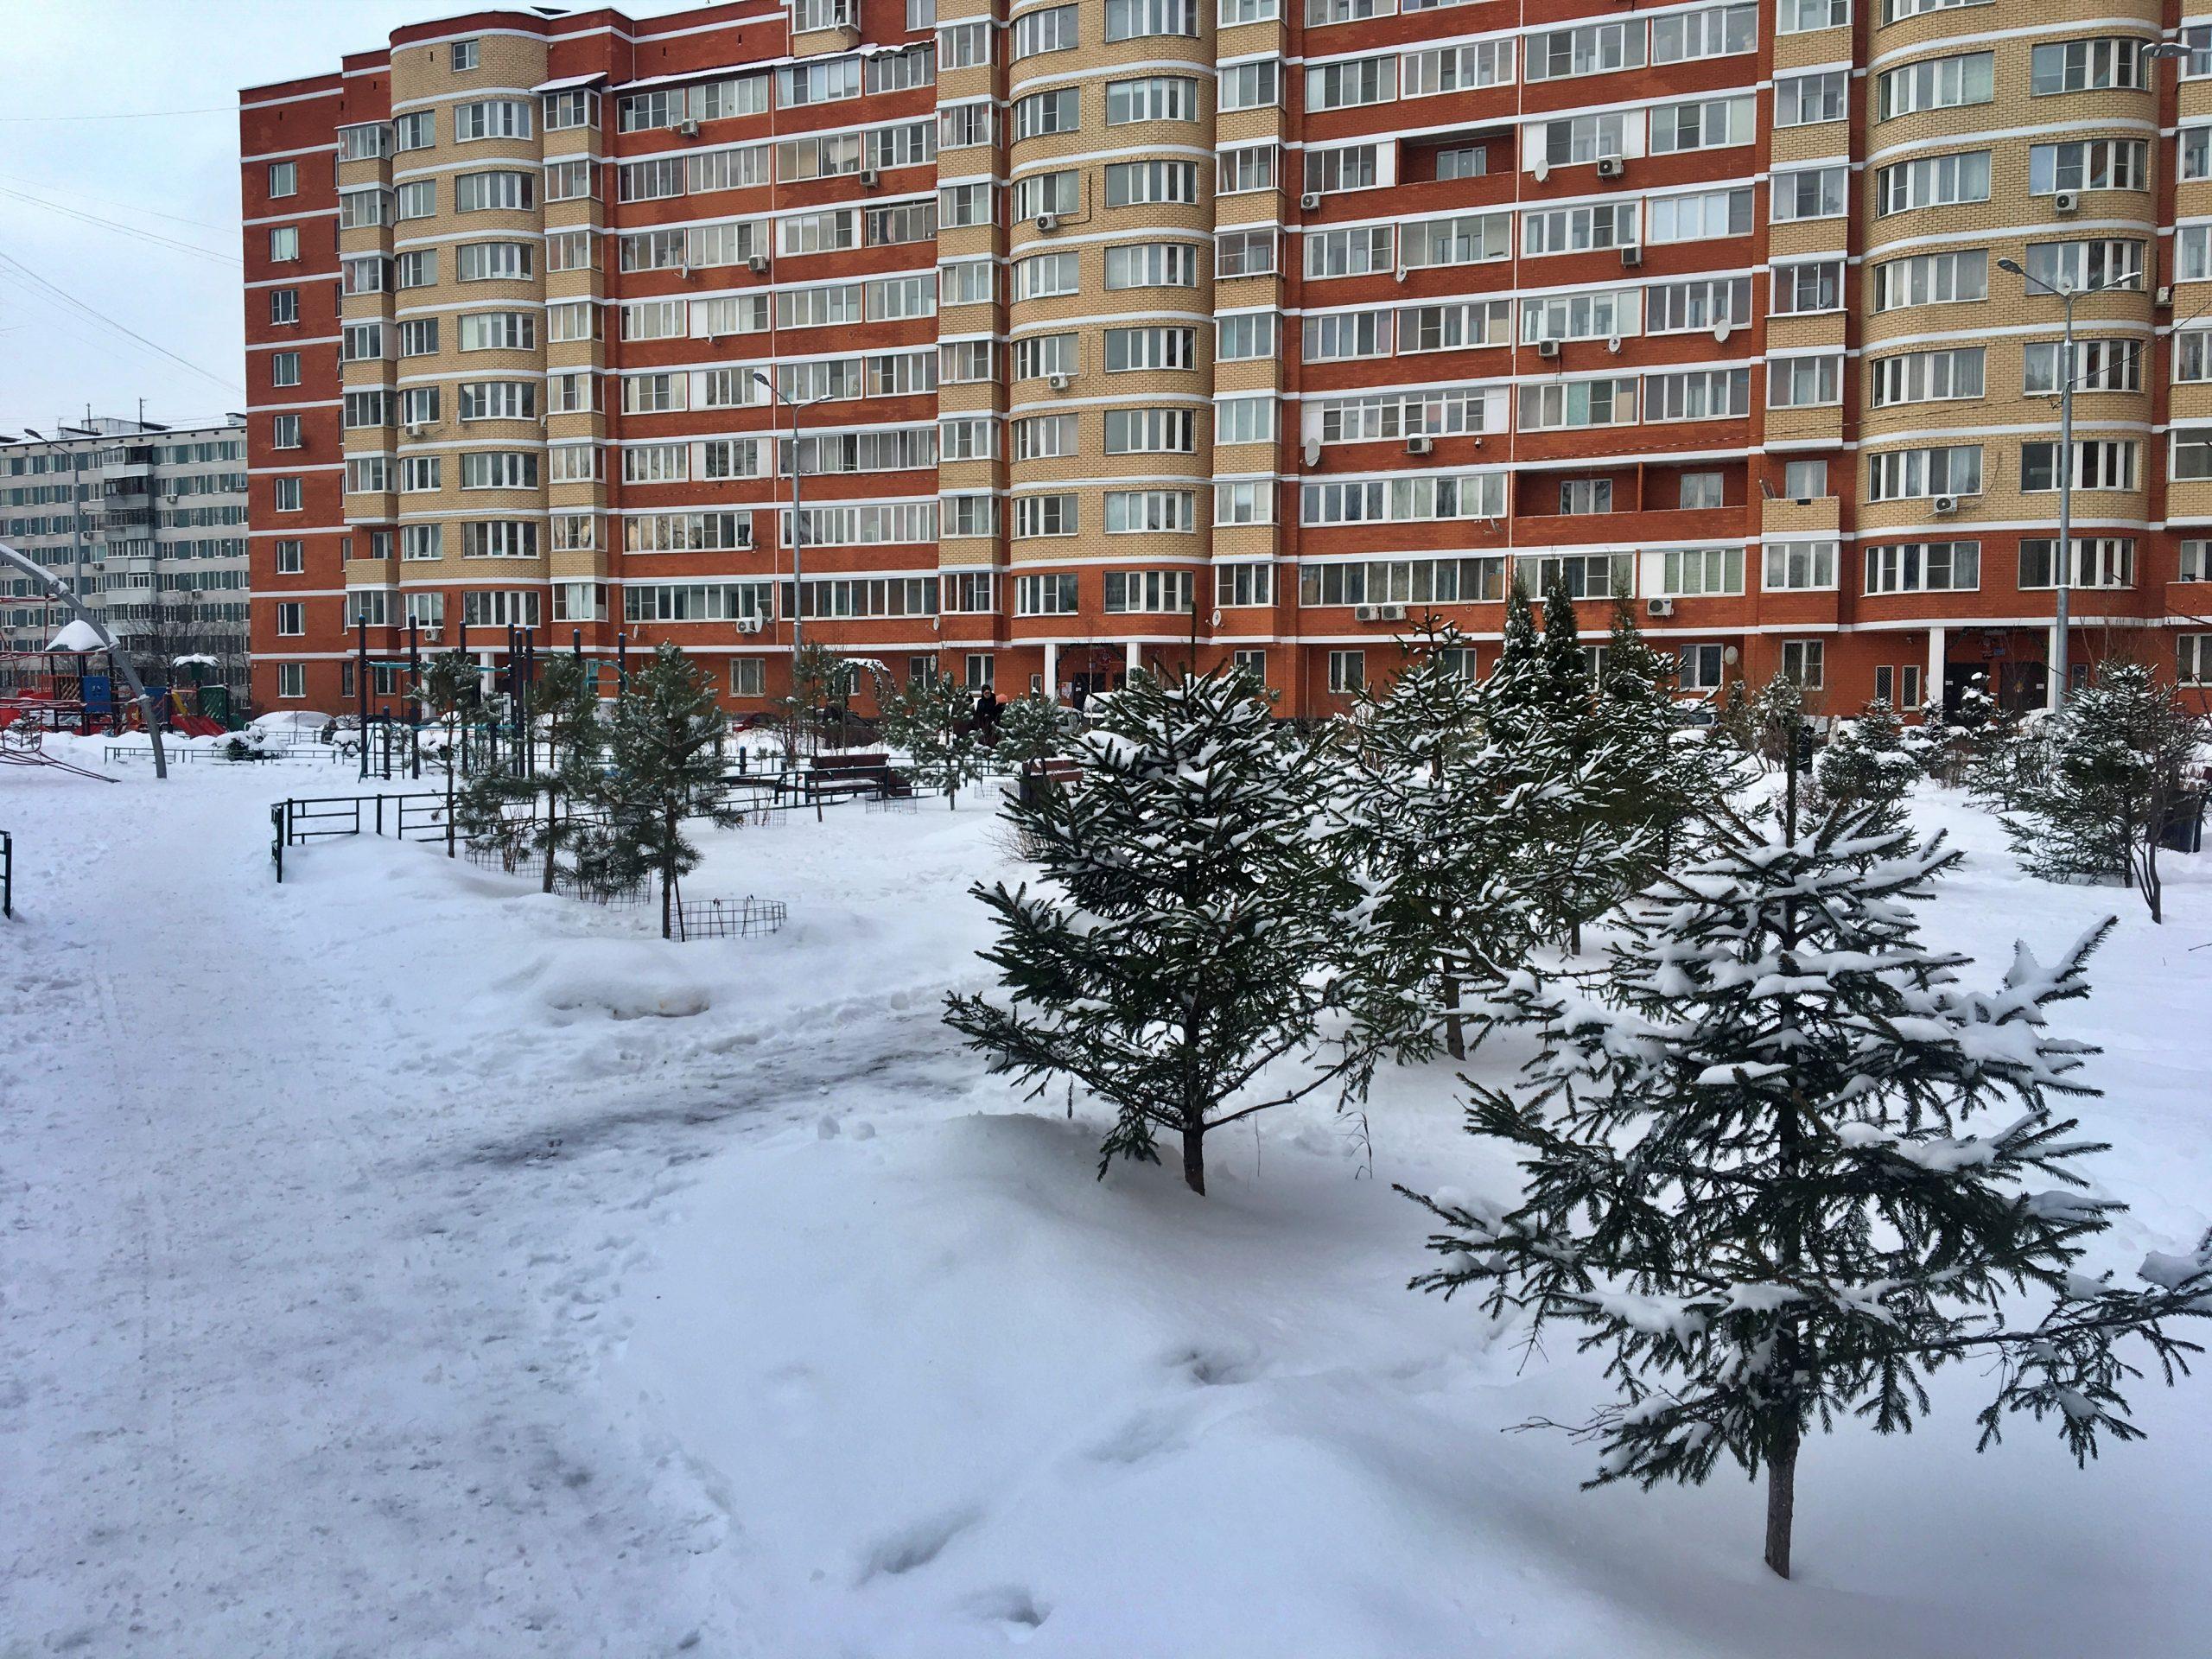 Участники онлайн-школы «Точка сборки» разработали проект благоустройства придомовых территорий в Новой Москве